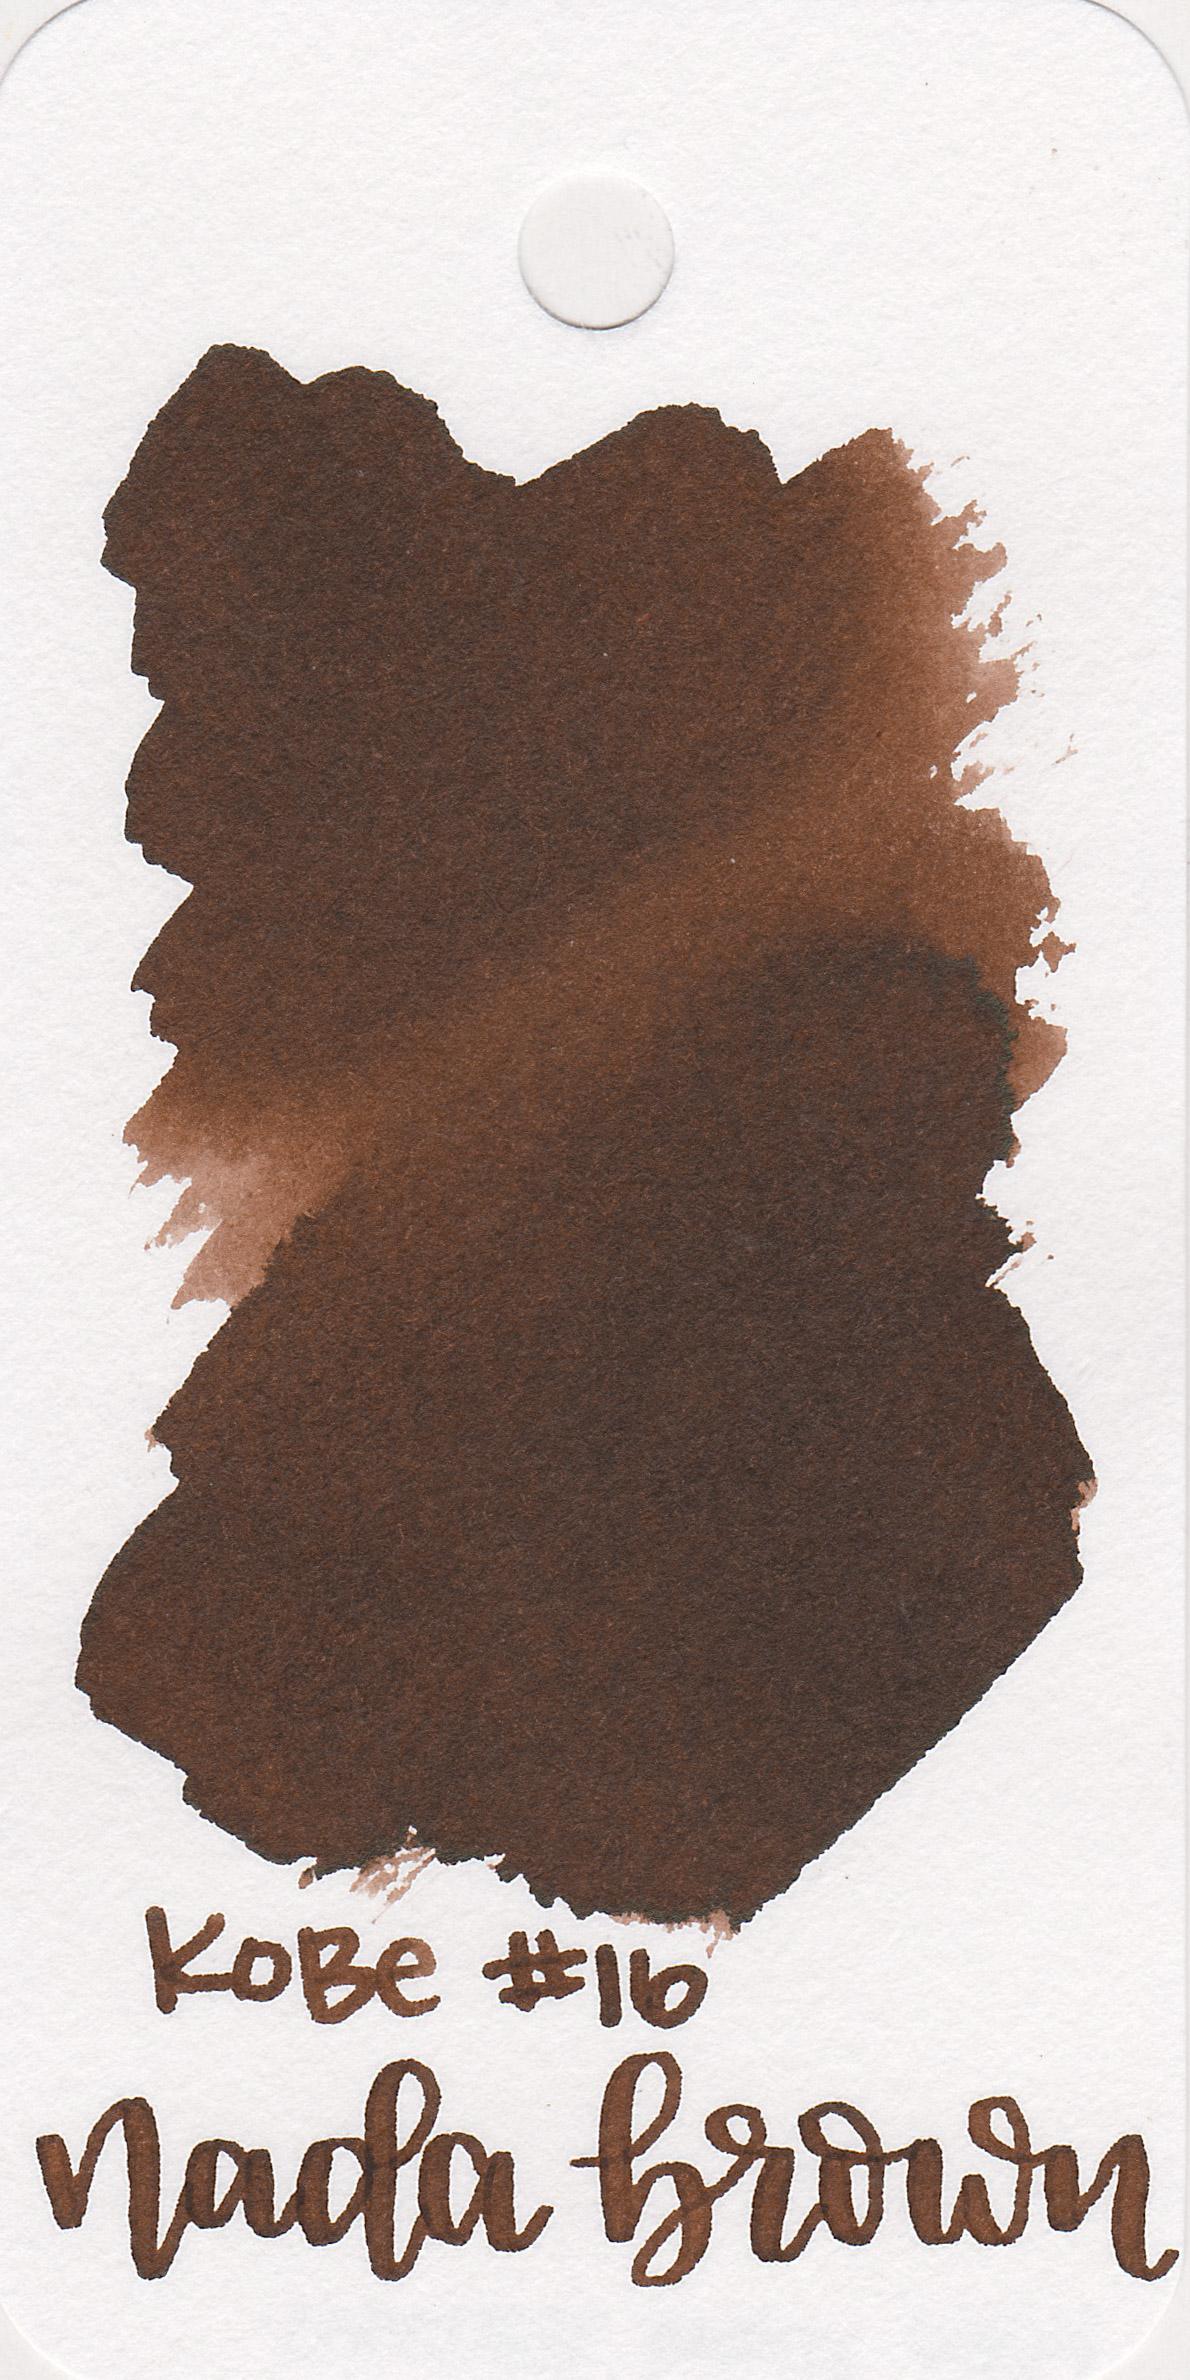 nk-nada-brown-1.jpg